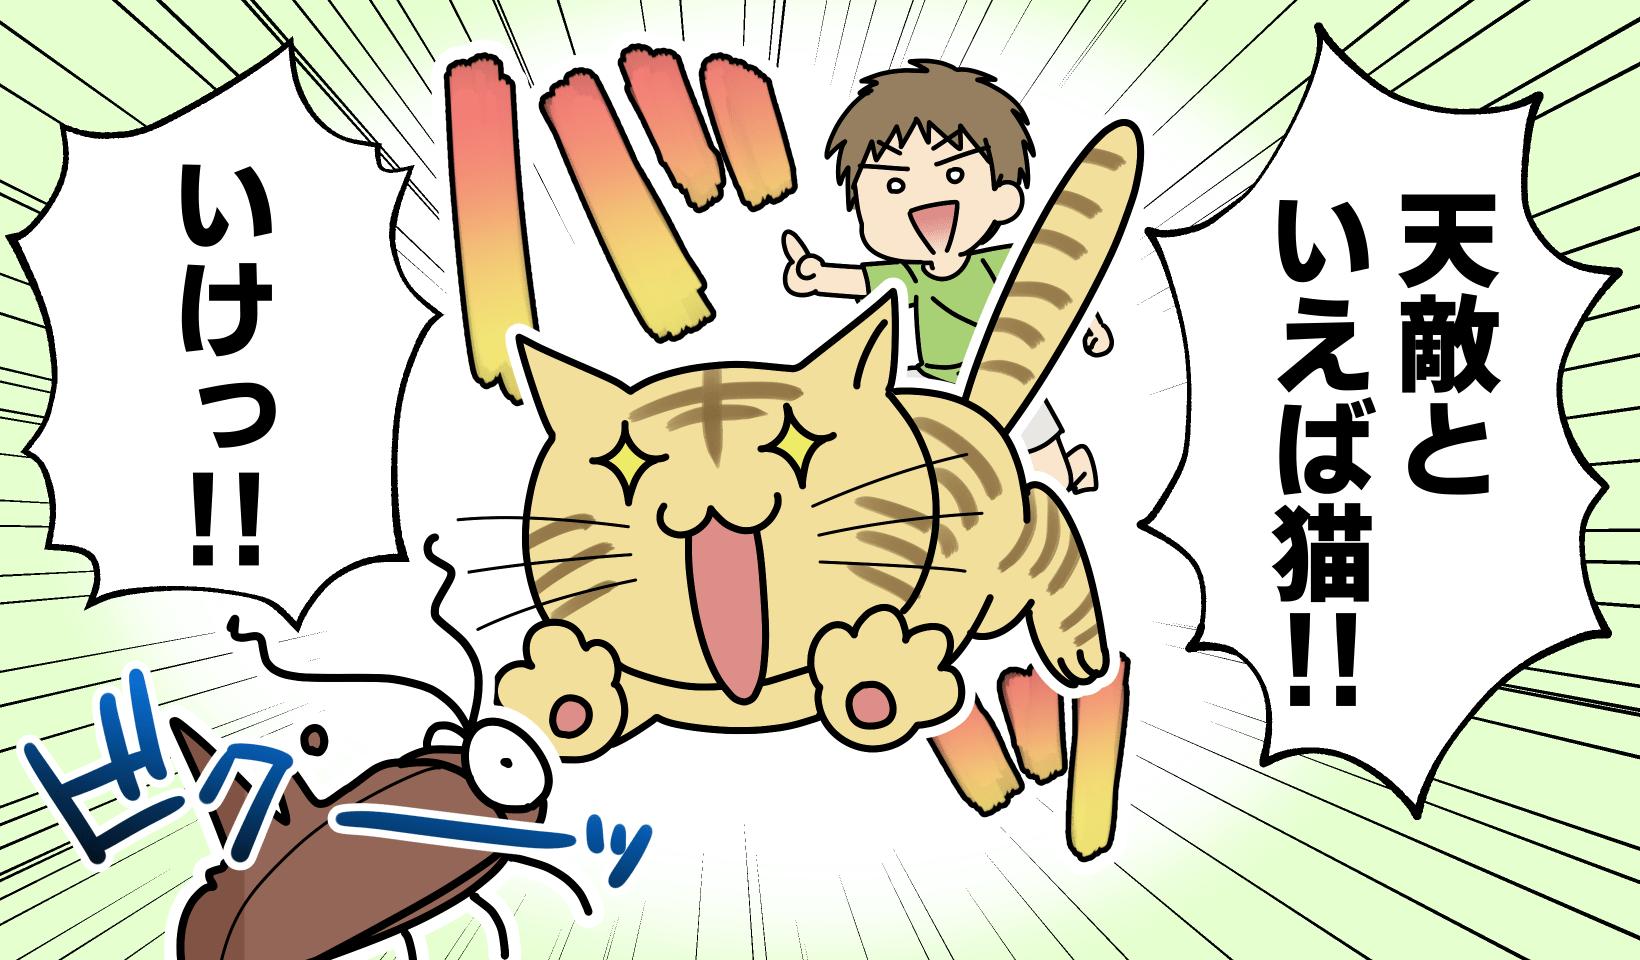 ゴキブリに飛びつく猫